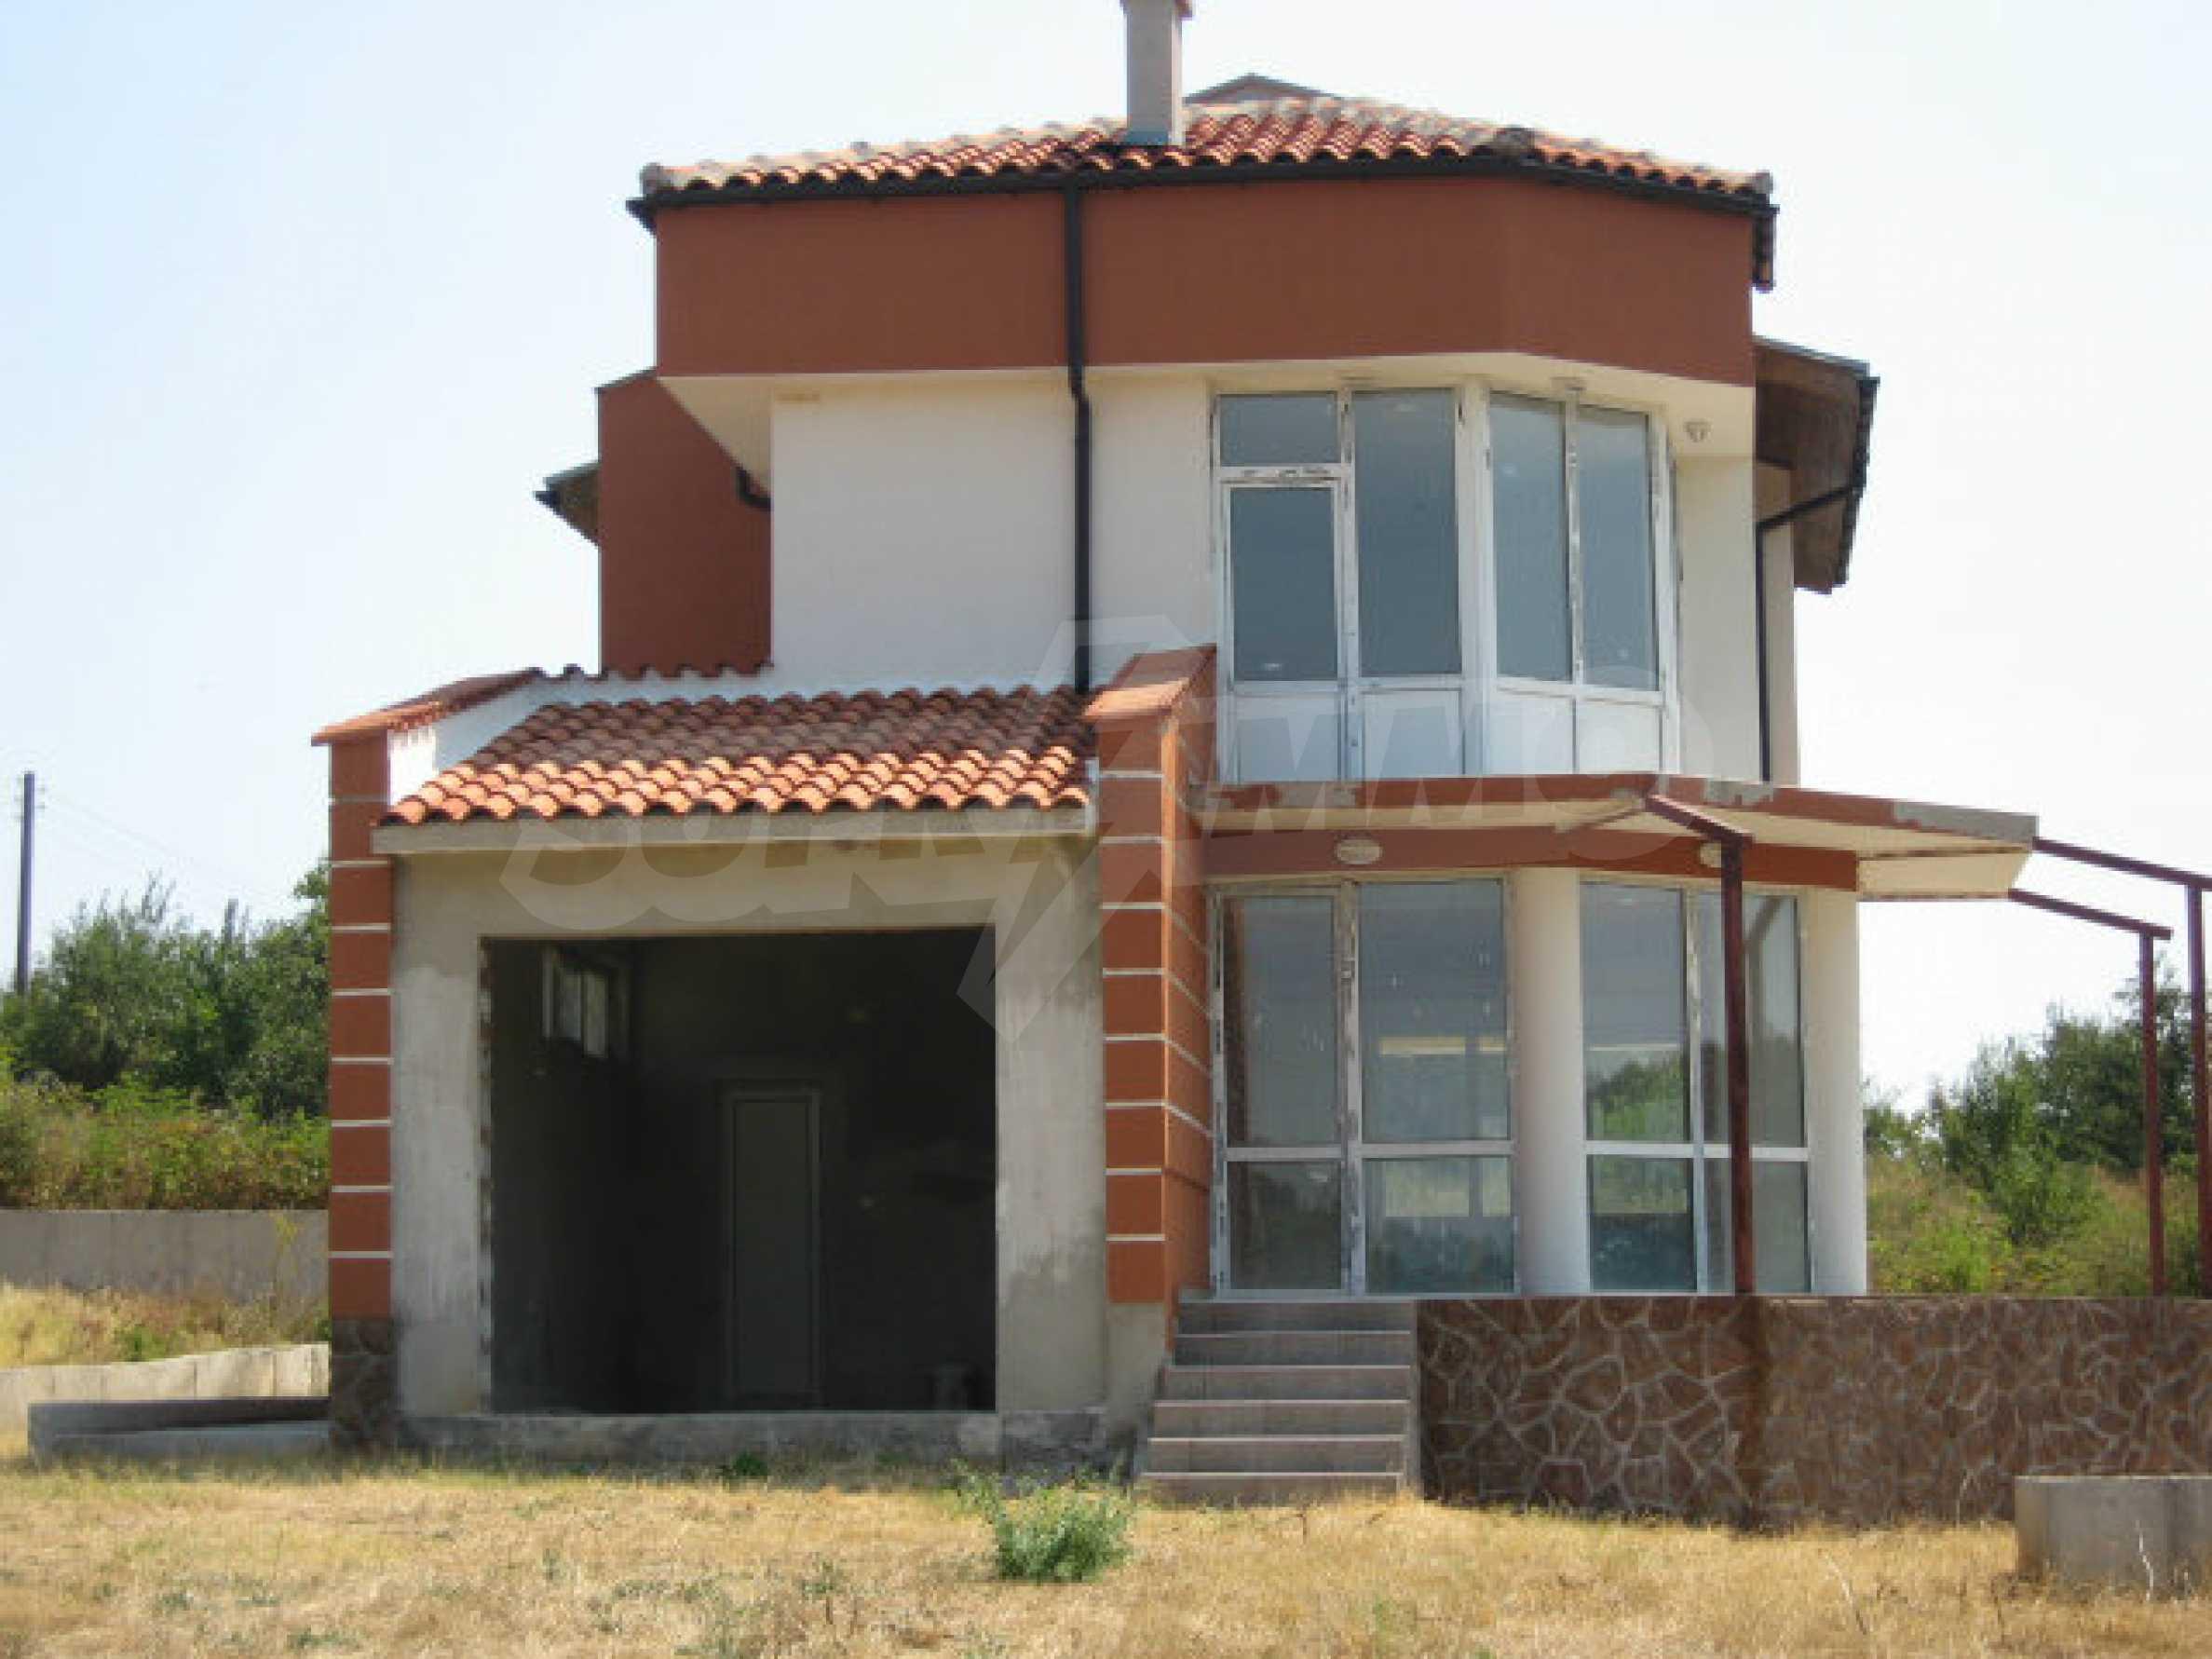 Schönes neues Haus mit schöner Aussicht auf Sakar in einem ruhigen Dorf in der Nähe von Topolovgrad